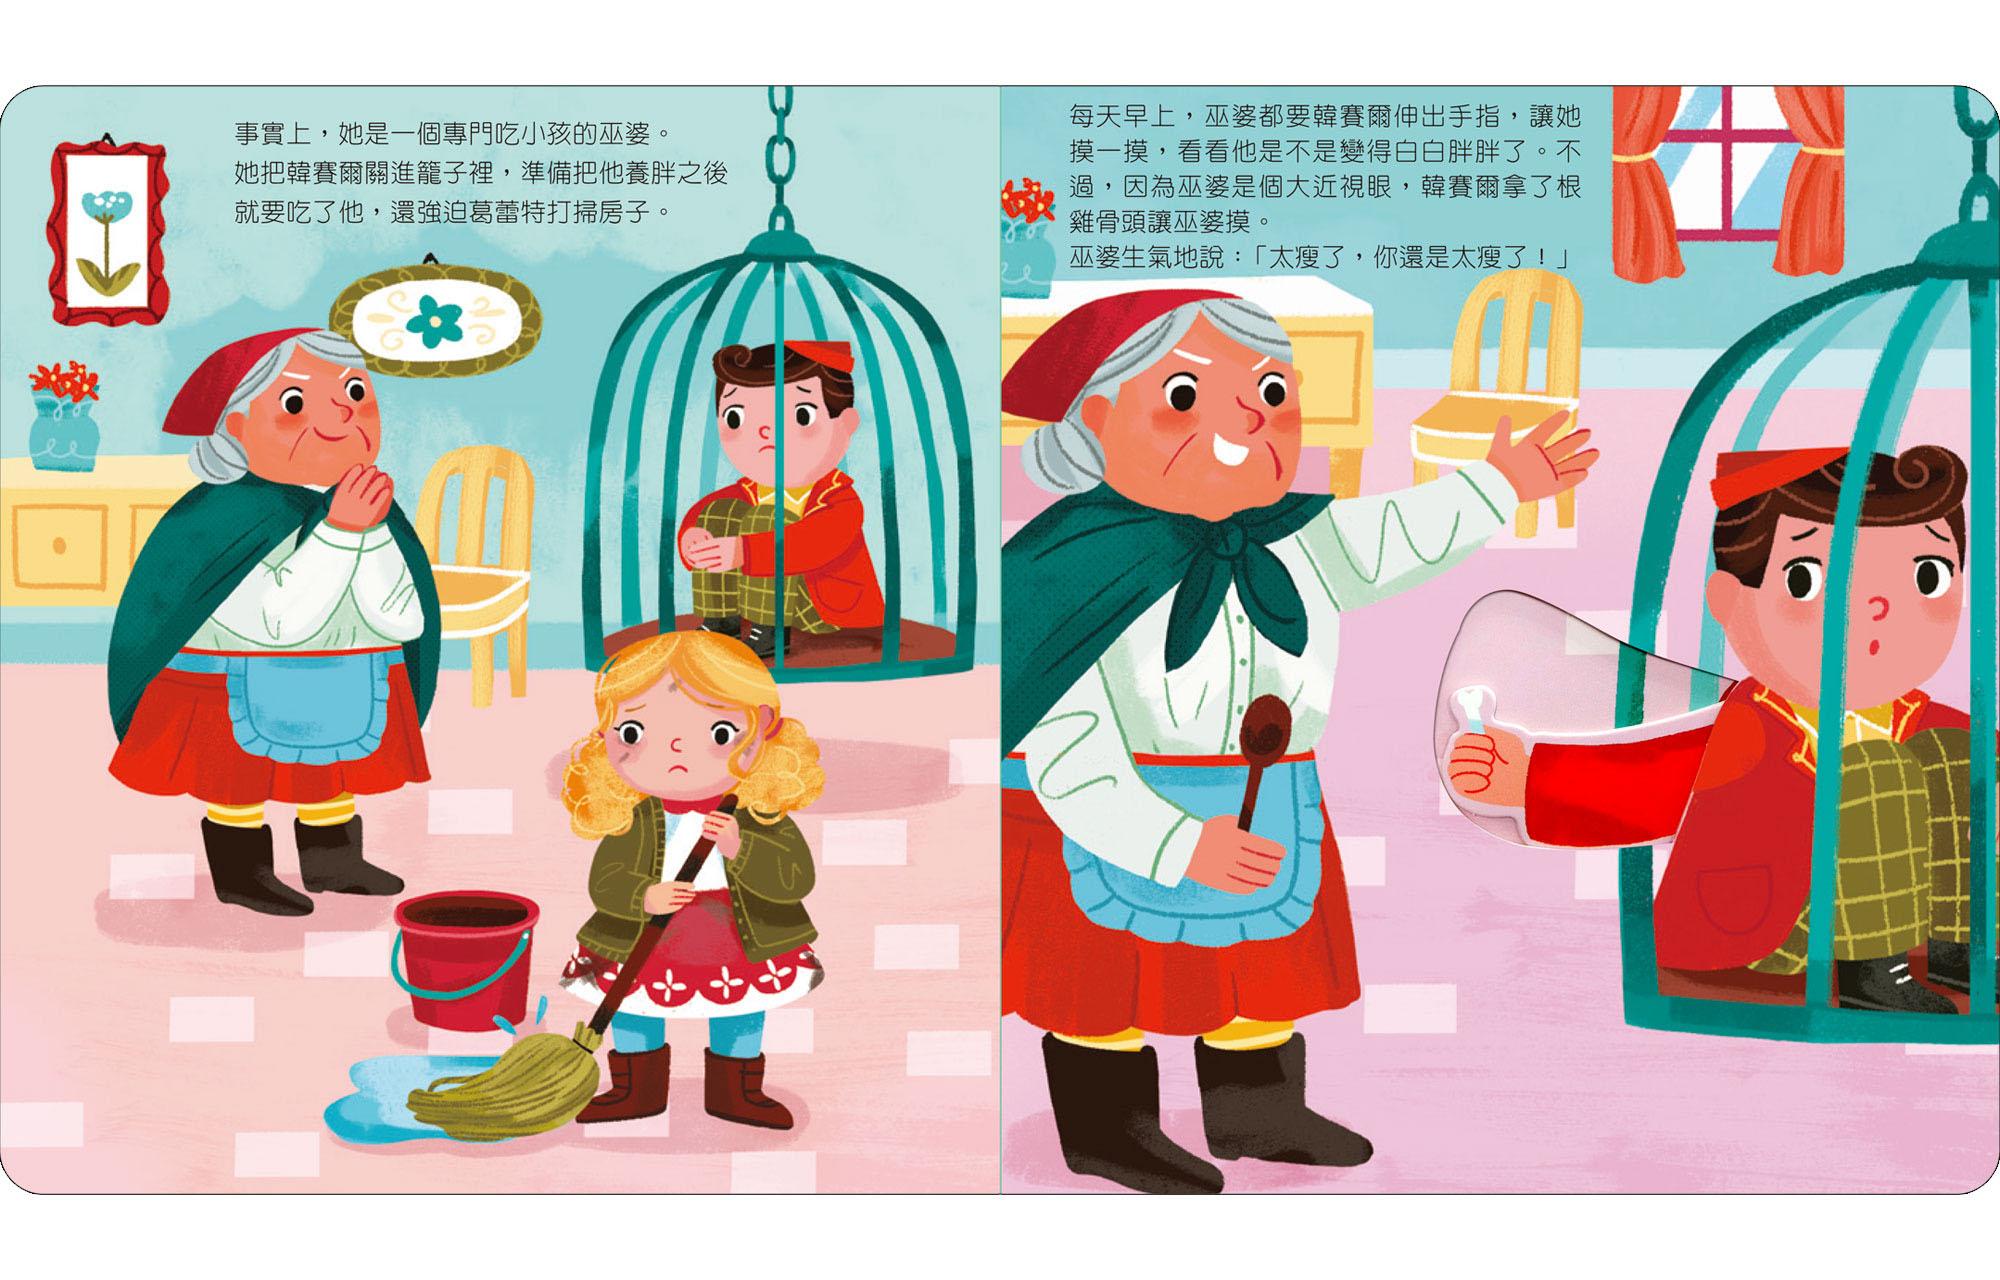 動手玩童話:糖果屋